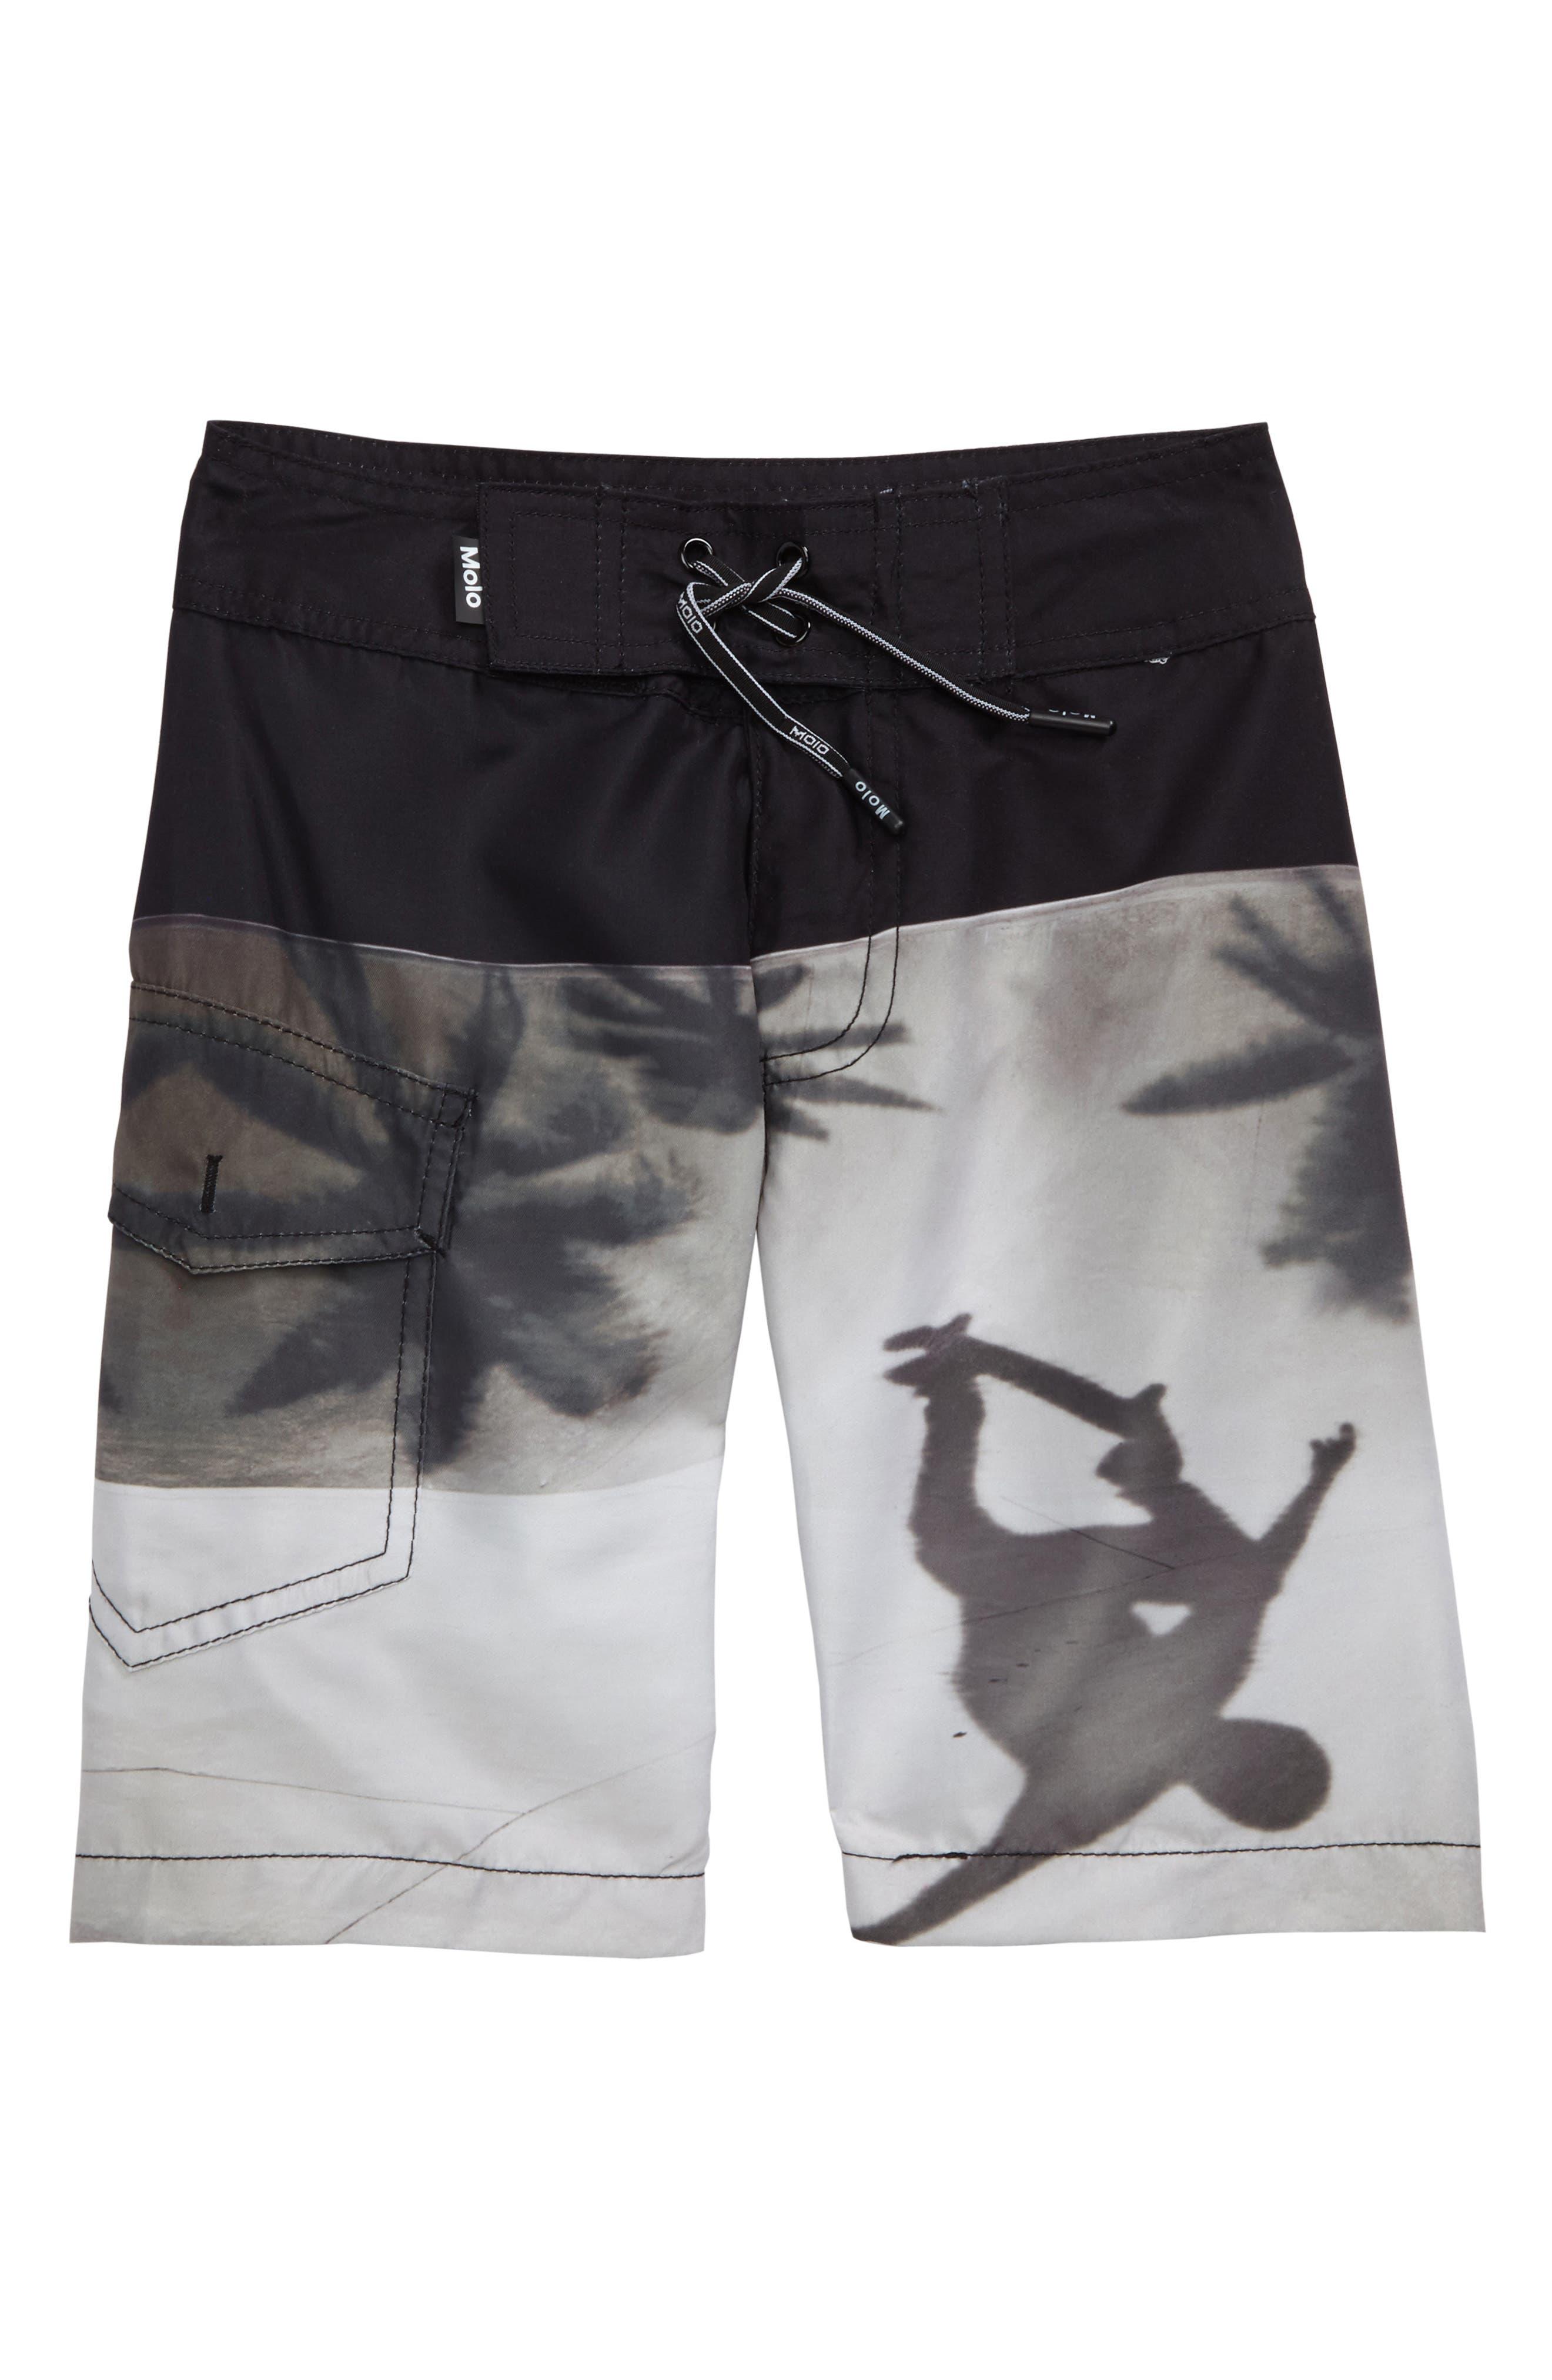 Nalvaro Board Shorts,                             Main thumbnail 1, color,                             001